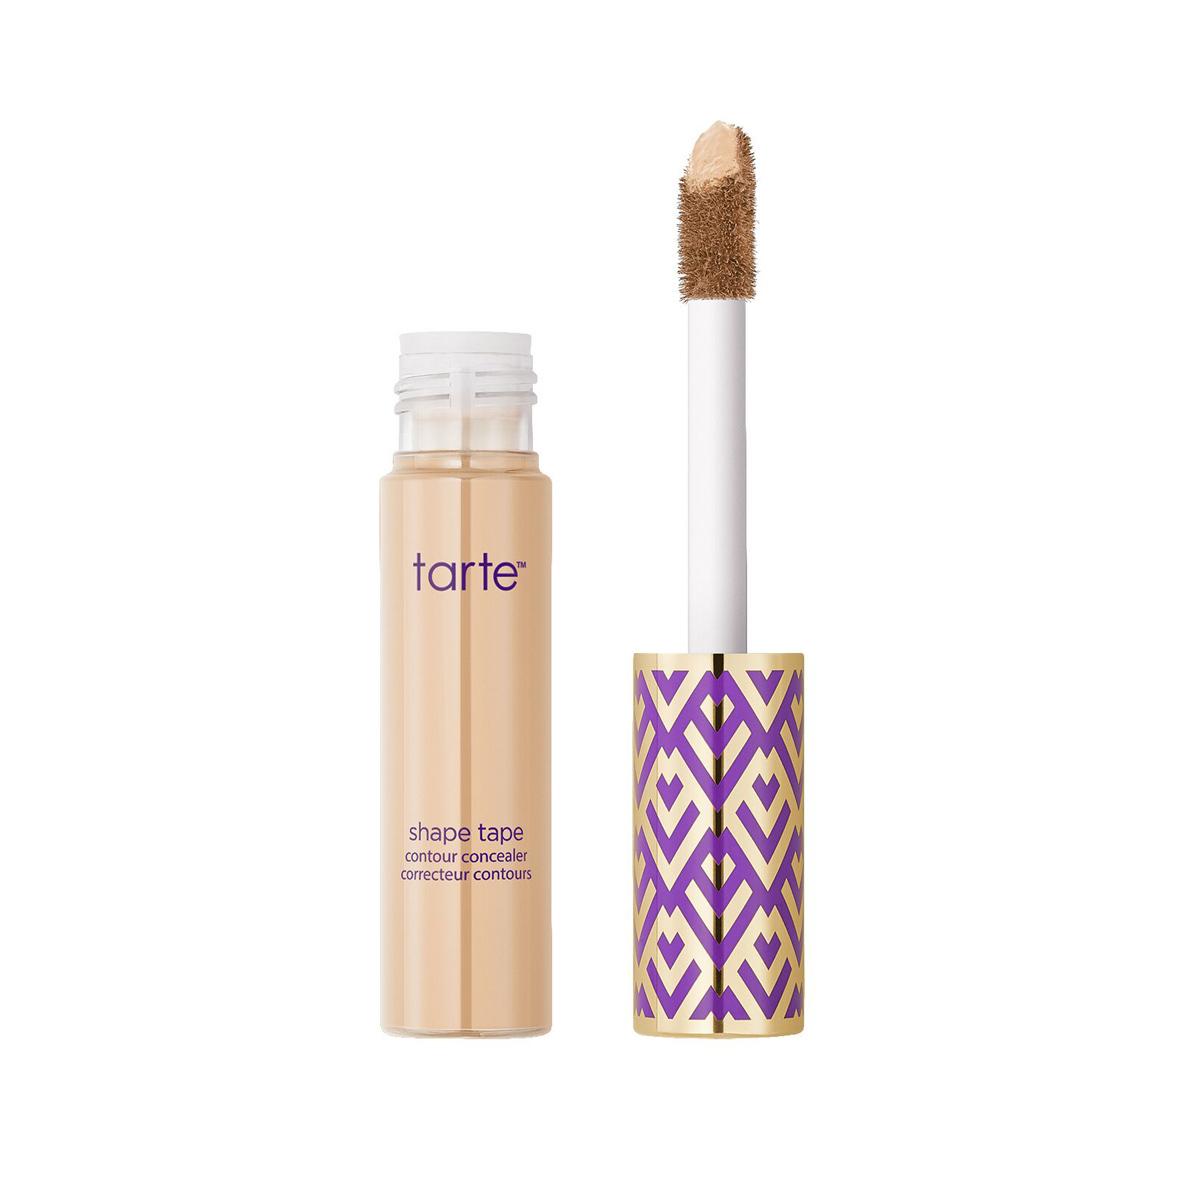 Shape Tape de Tarte Cosmetics.